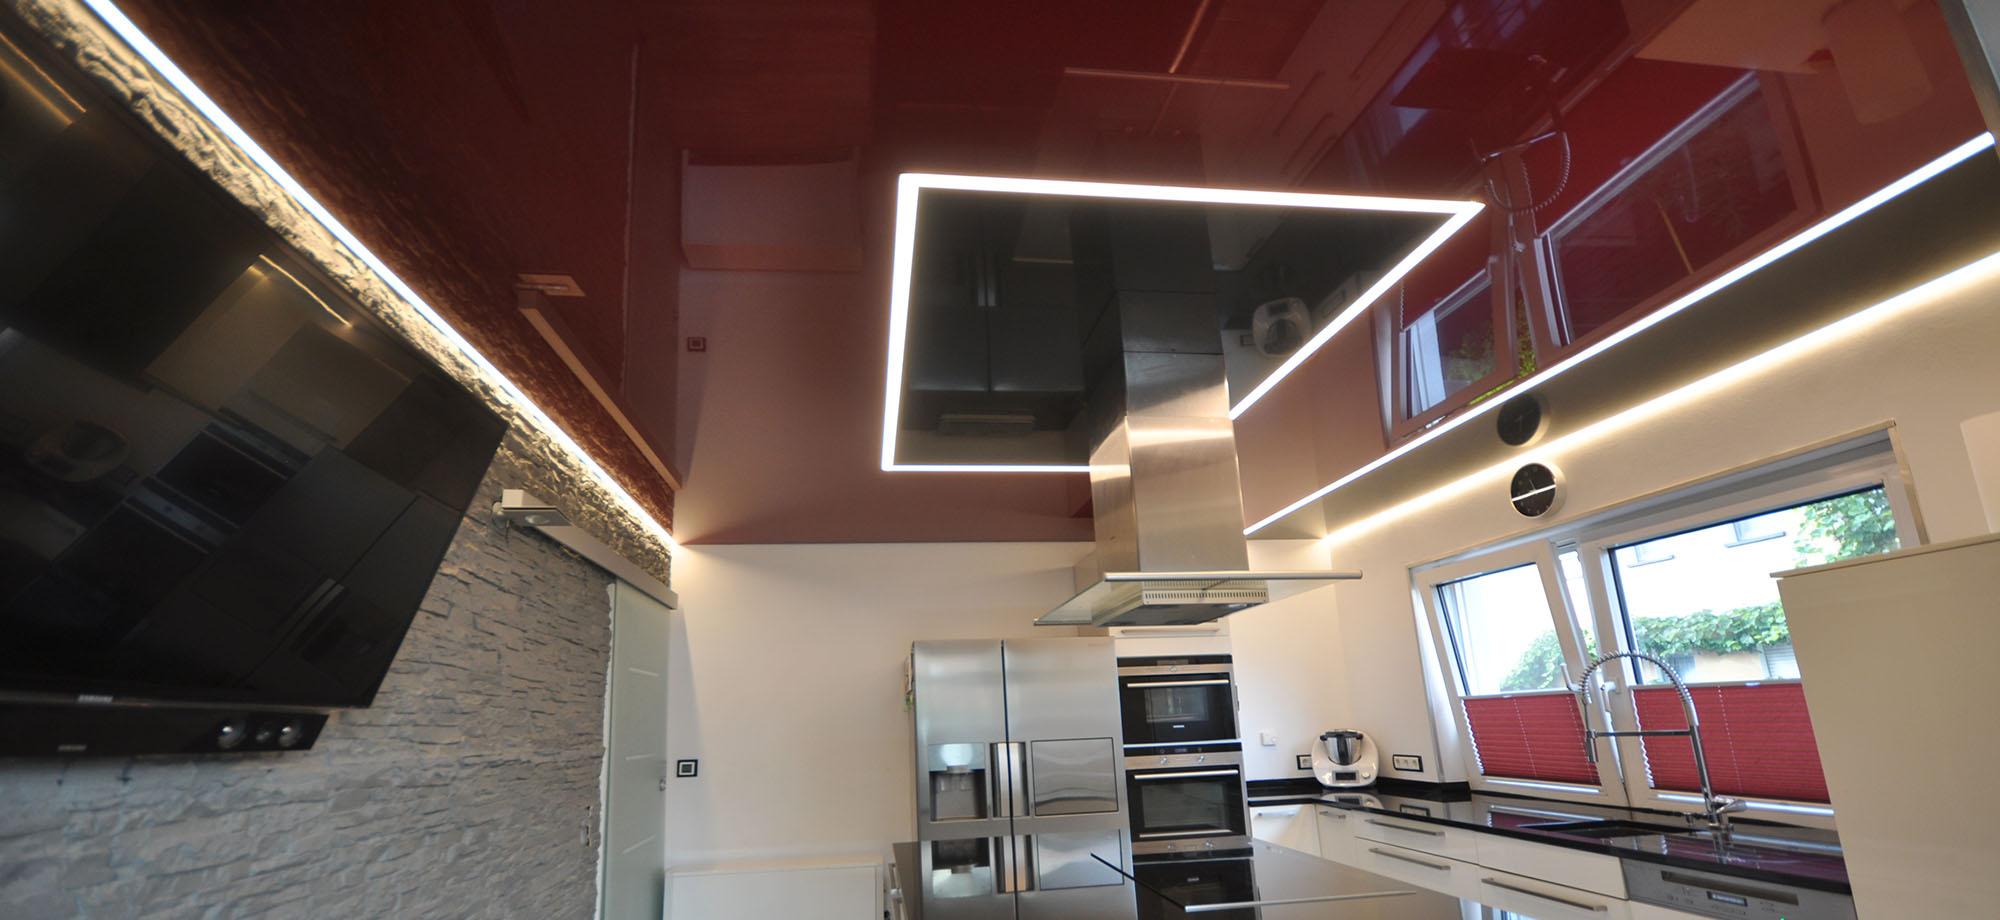 Lackspanndecken und Lichtdecken für Ihre Küche: CBSpanndecken